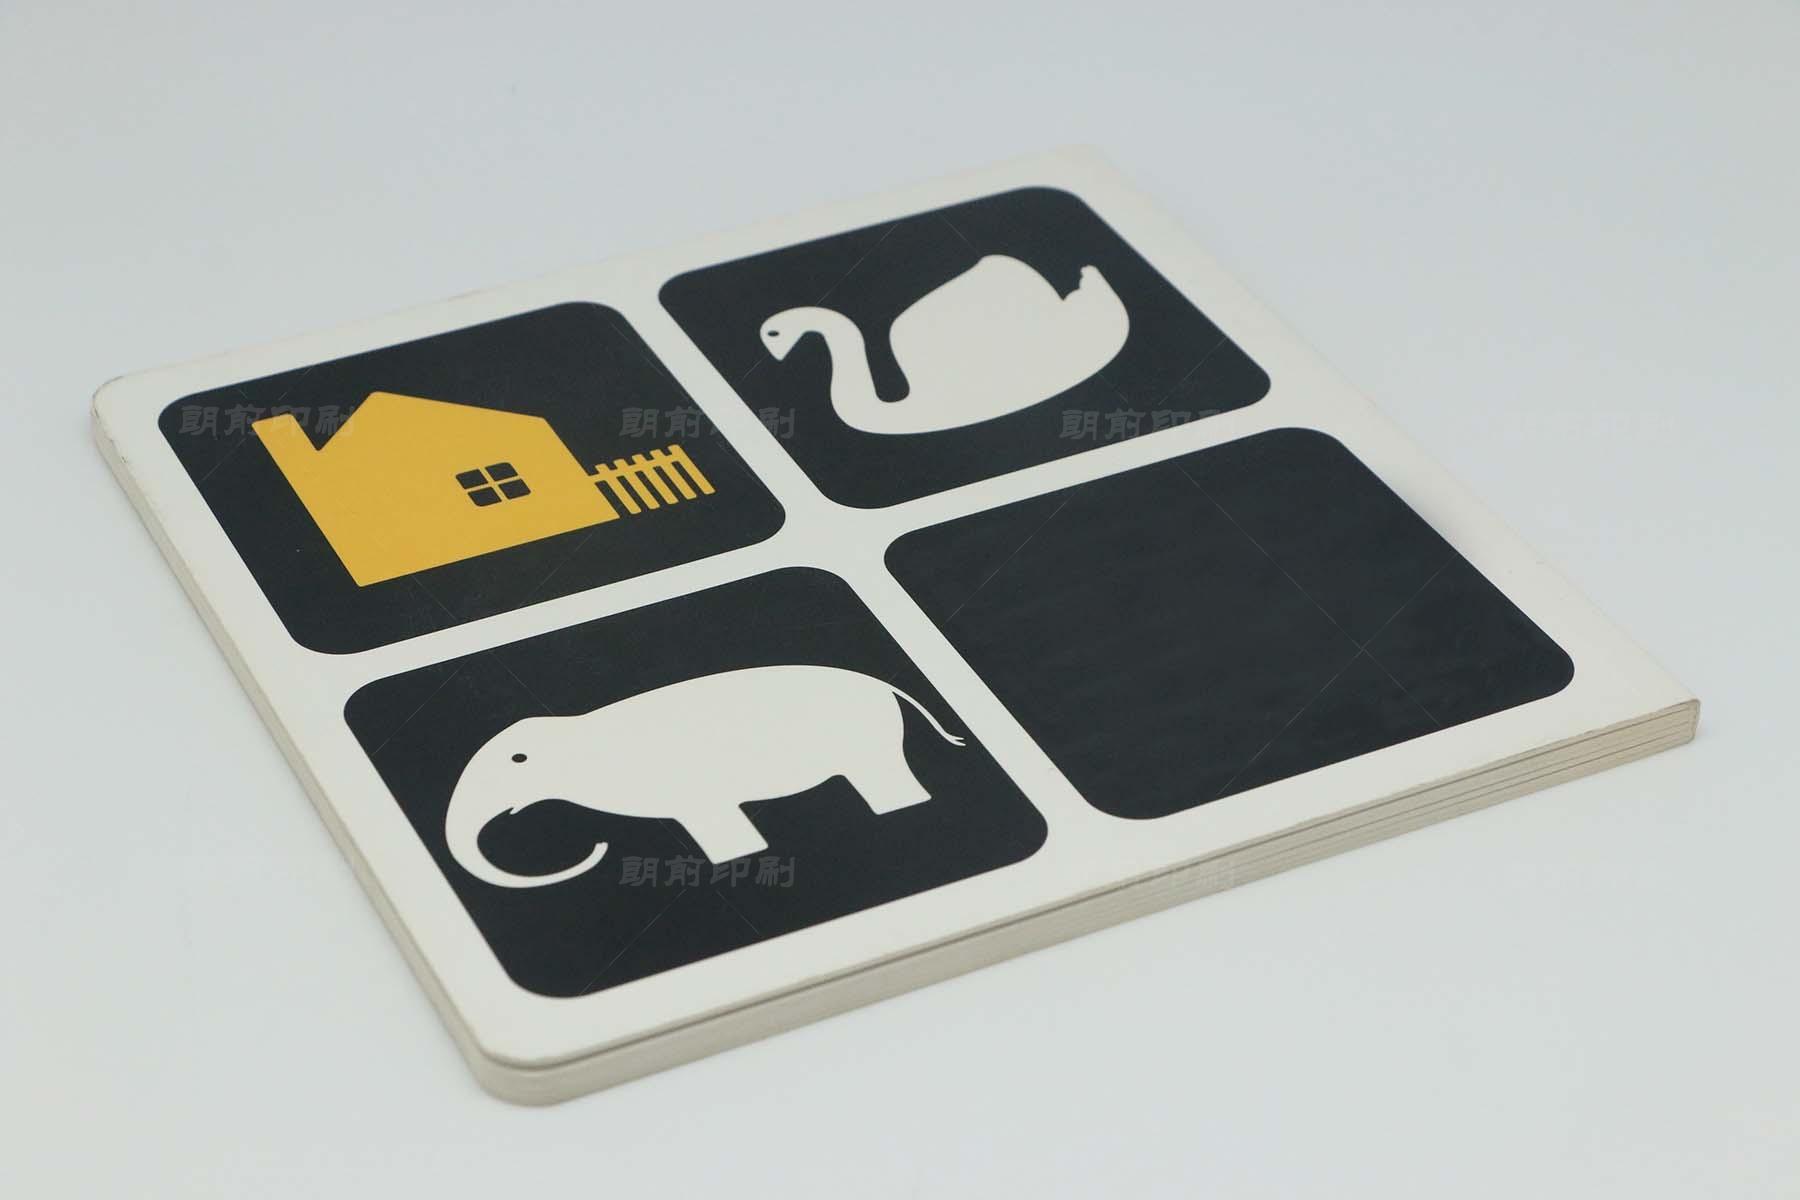 广州企业画册印刷 广州毕业设计画册印刷价格